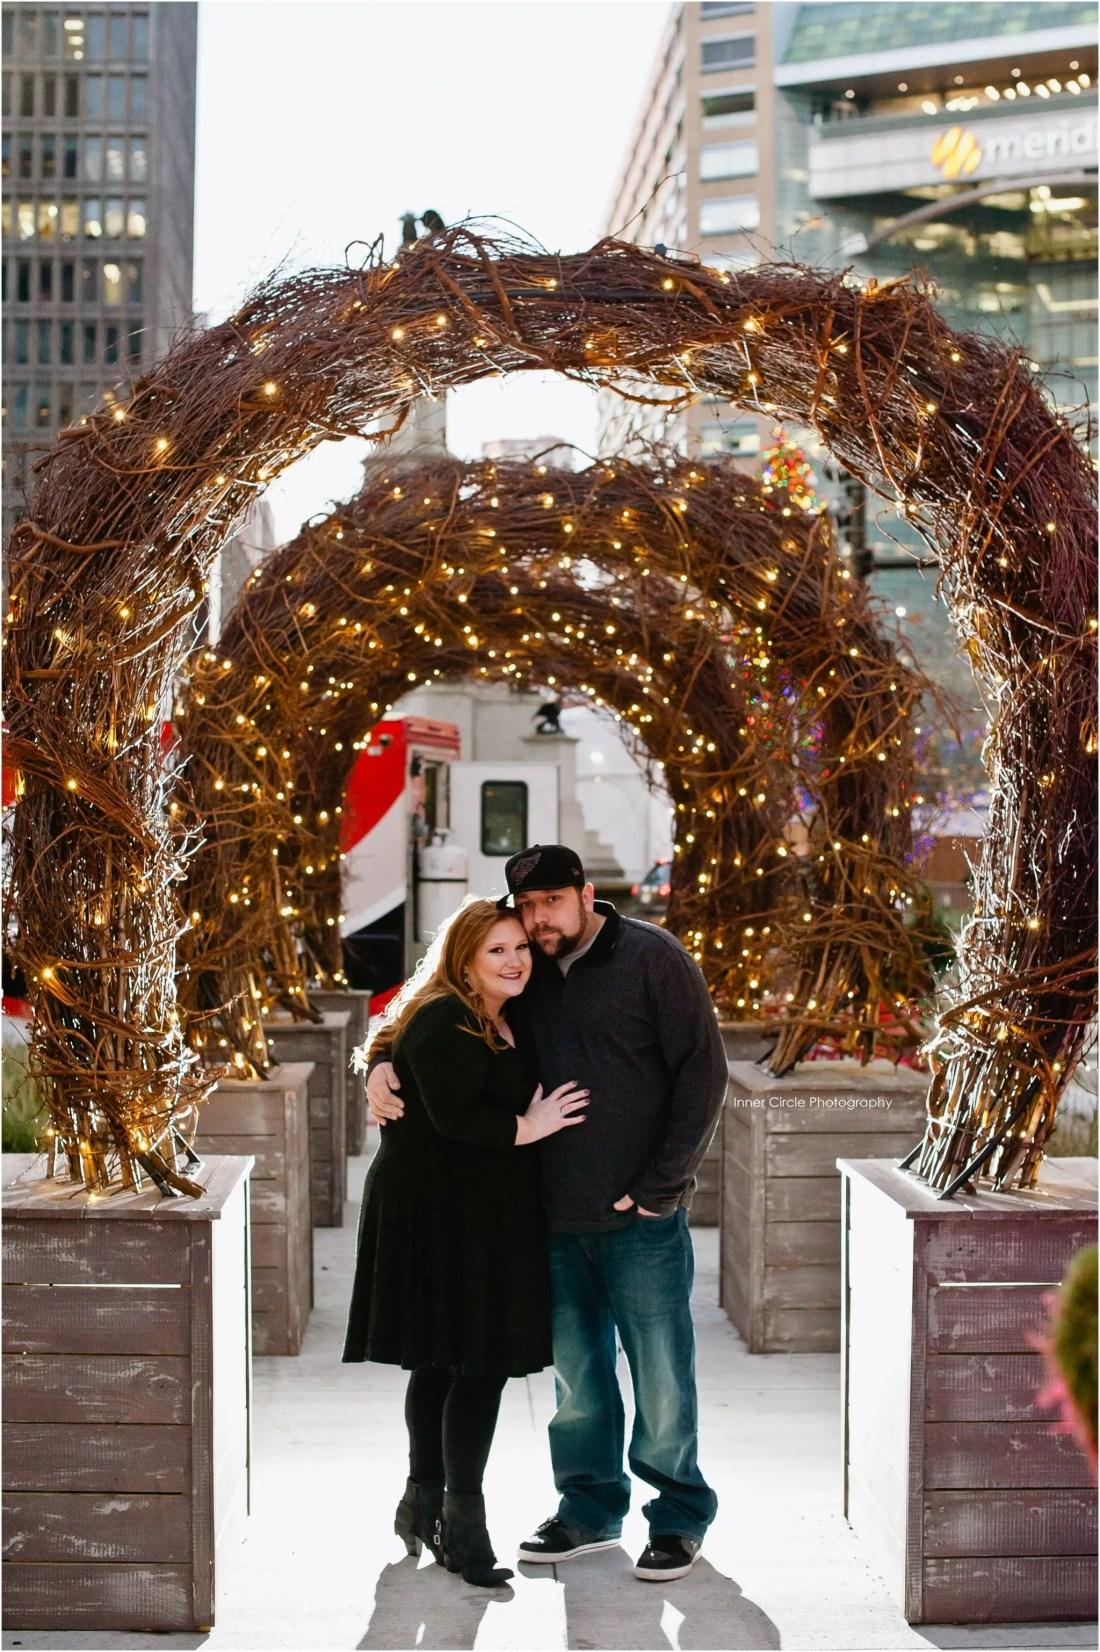 chrislauren_ENG_InnerCirclePhoto_070 Chris+Lauren :: ENGAGED! Detroit Winter Session